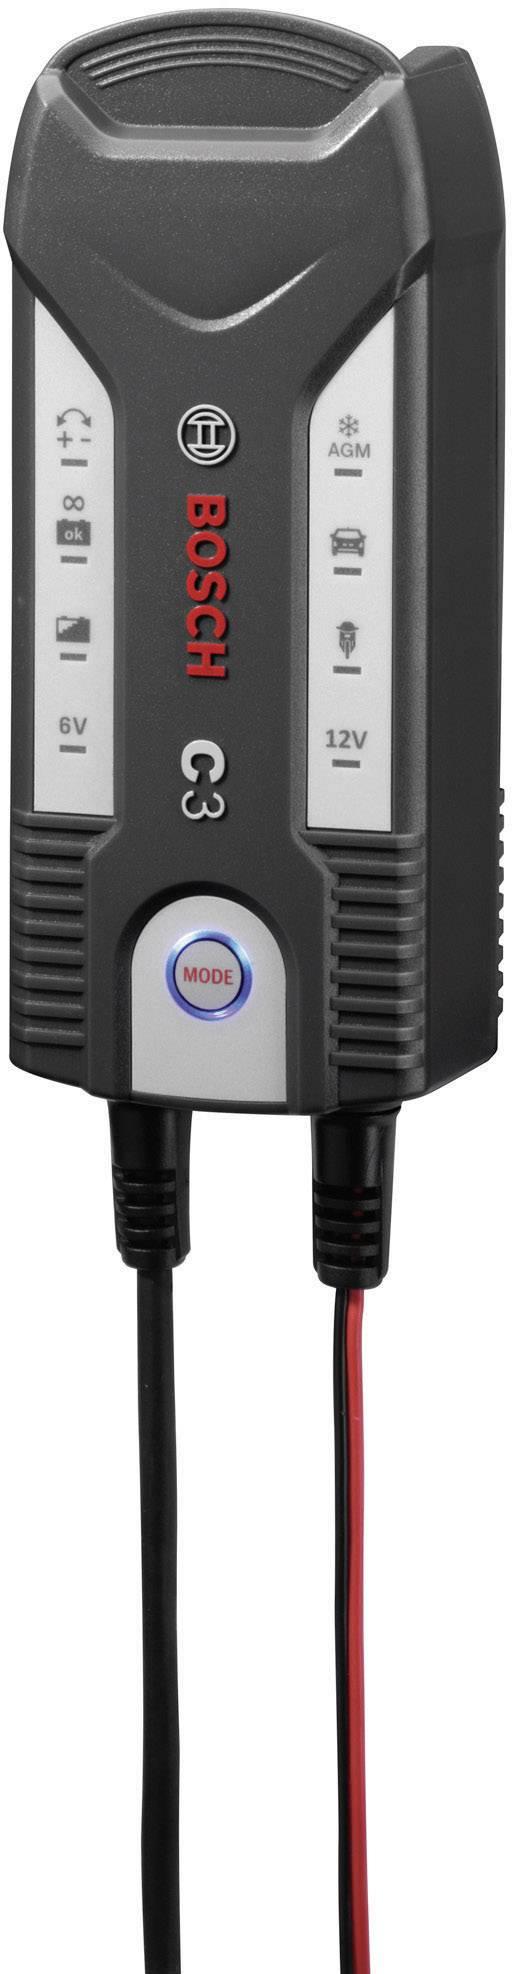 Automatická nabíjačka Bosch C3